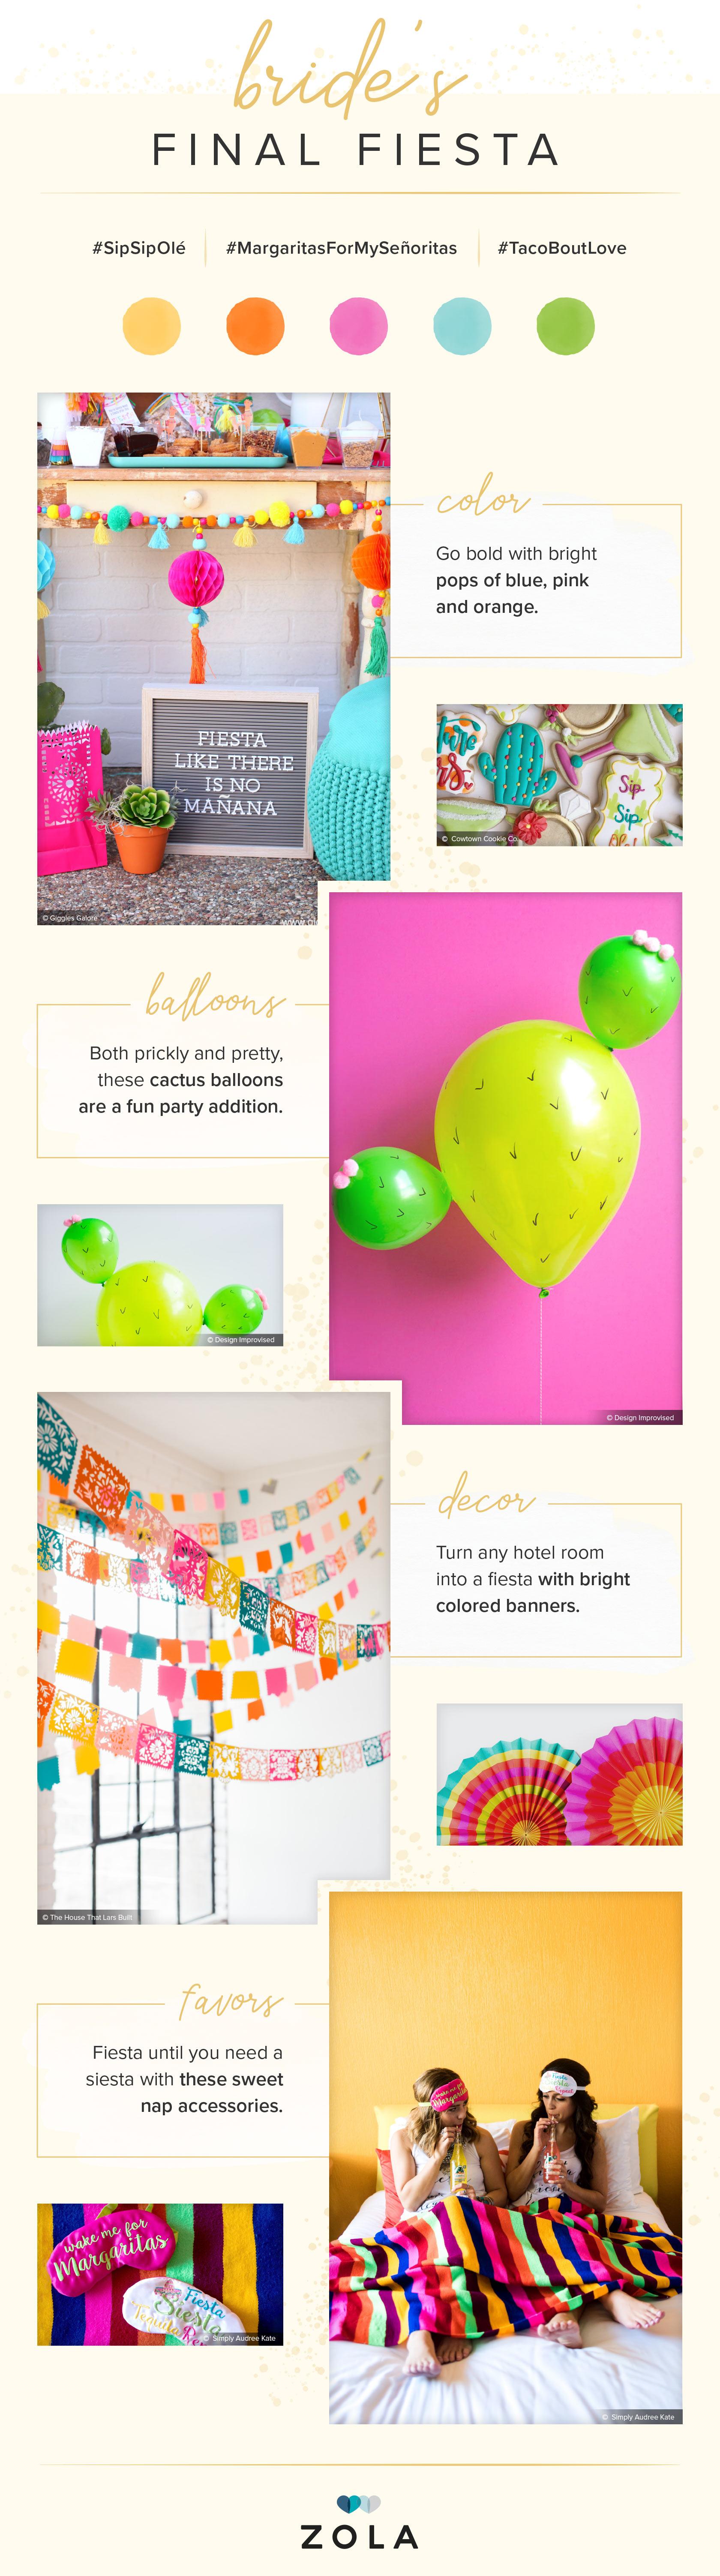 bachelorette-party-ideas-fiesta.jpg